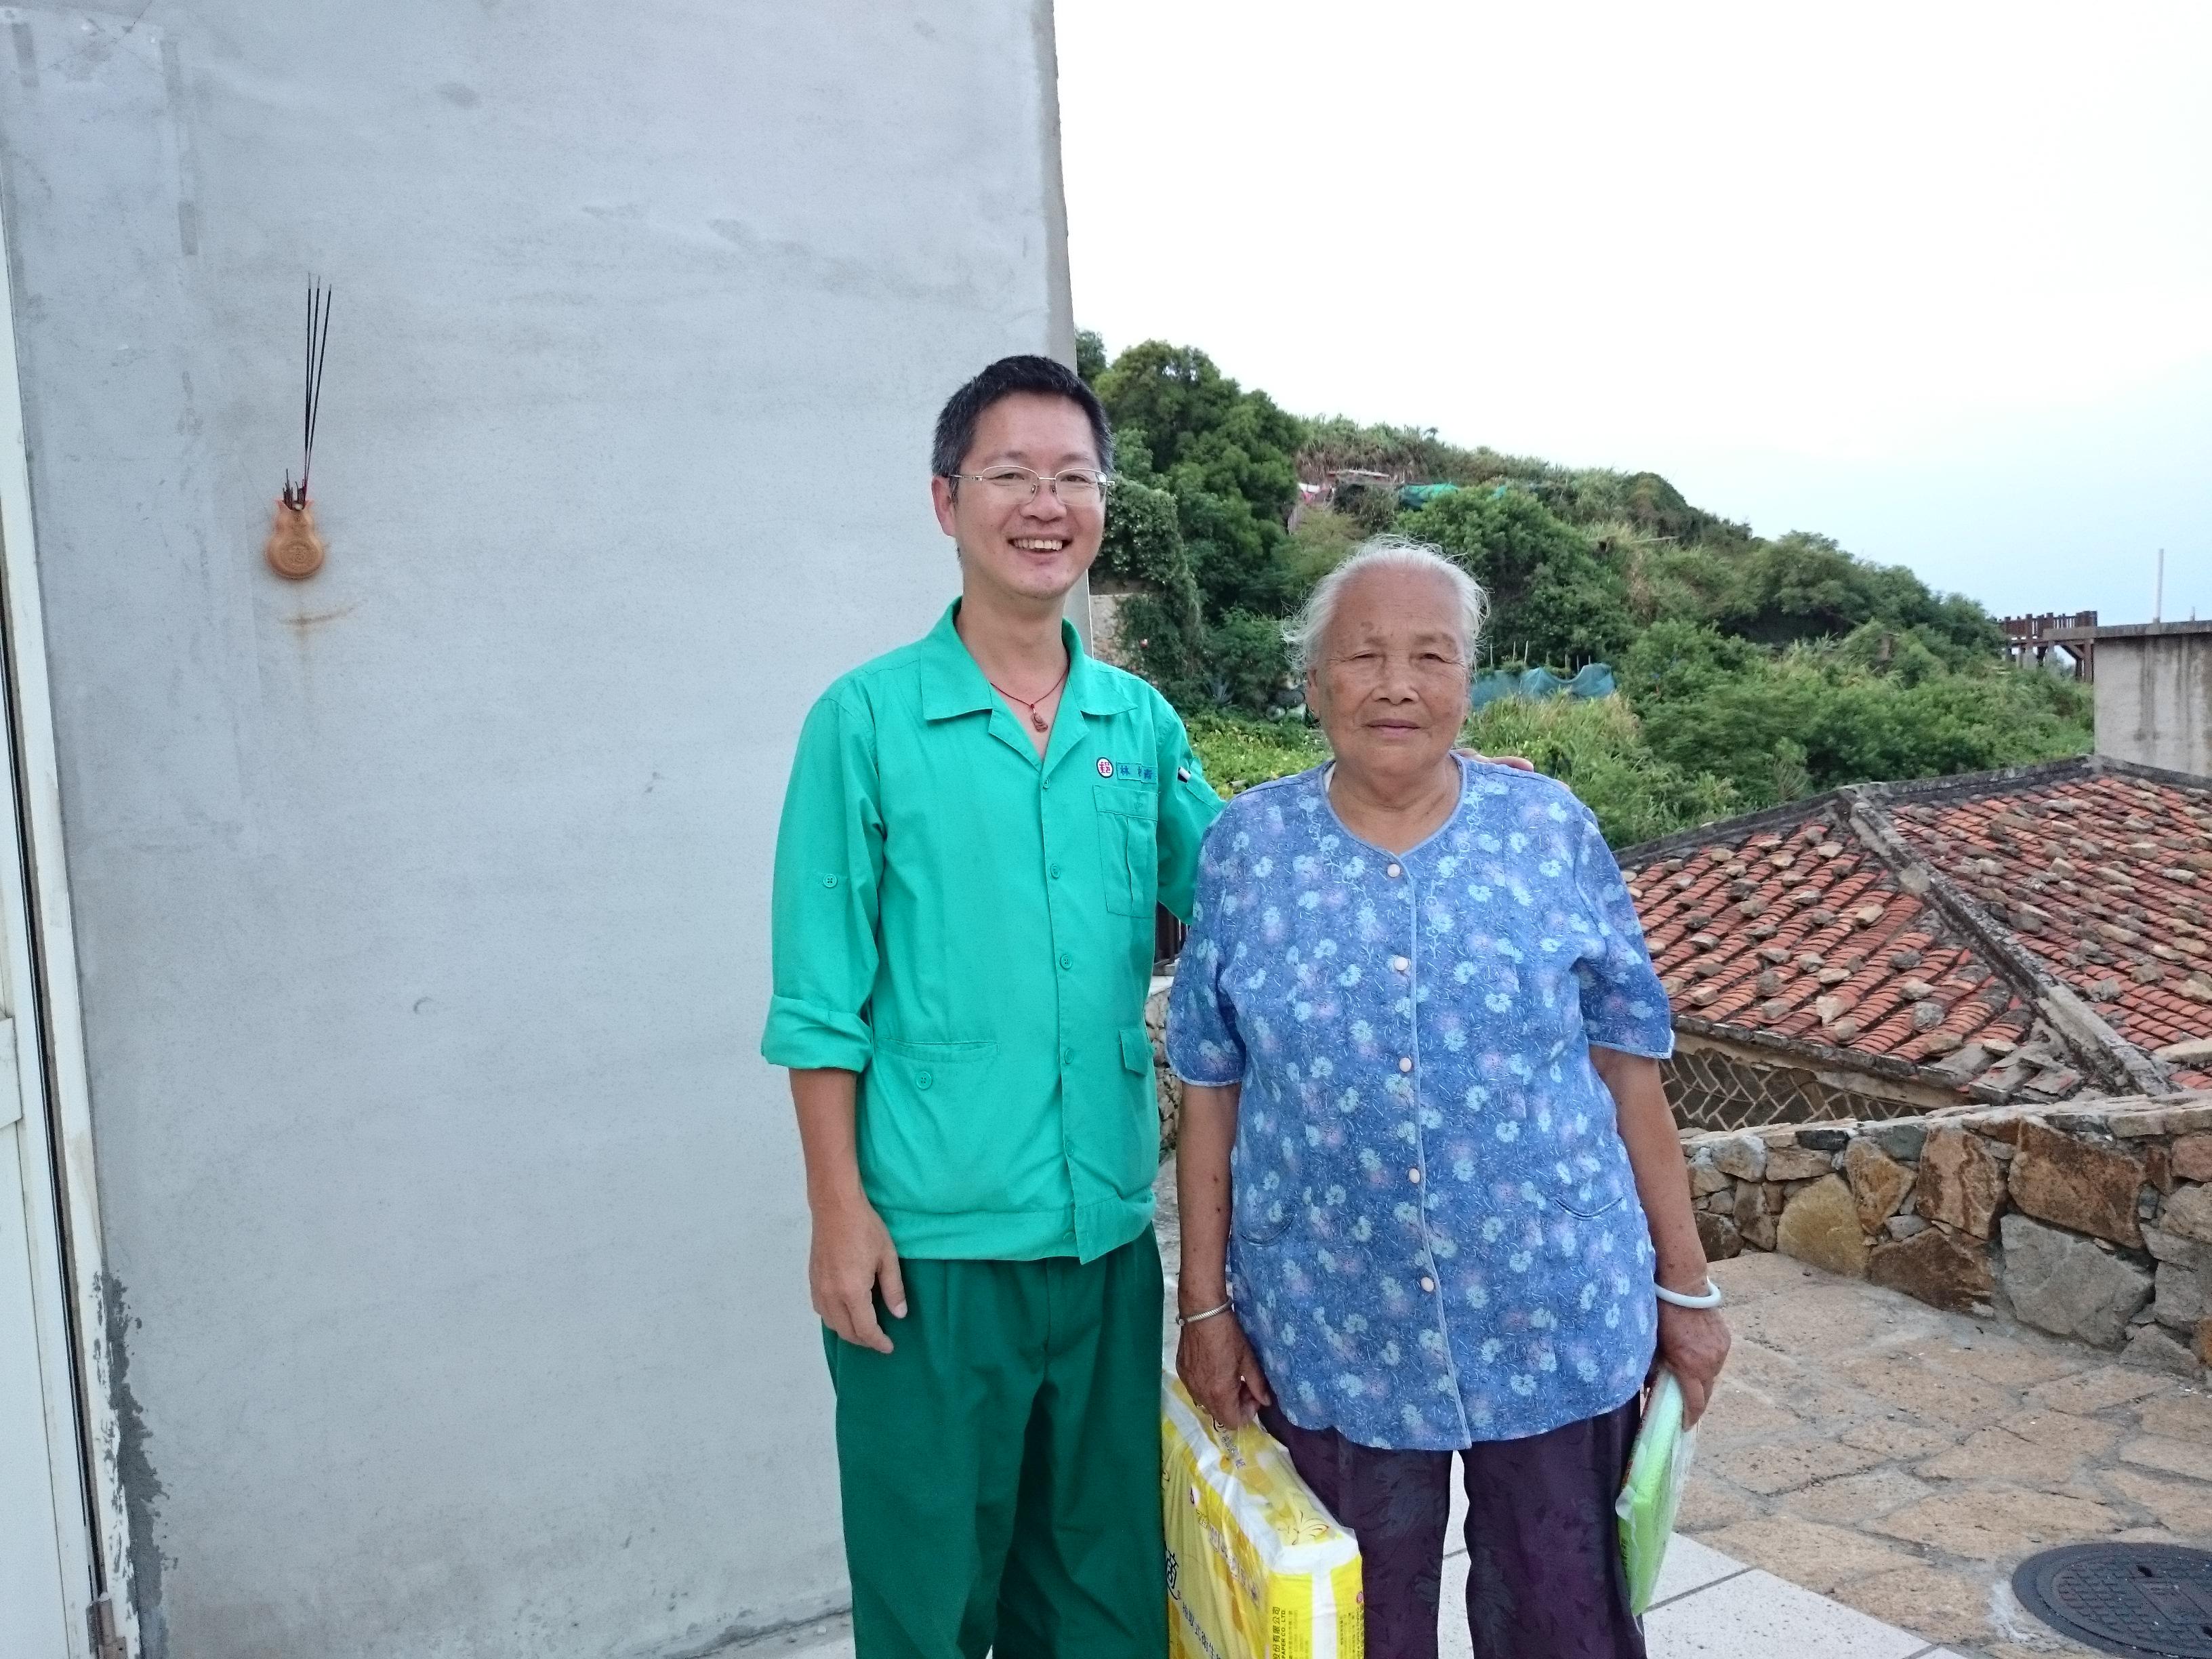 林松青稽查秉持著「以自身力量協助周遭有需要之人」的精神,長期利用公暇關懷30餘戶獨居長者及弱勢家庭,屢獲讚譽。